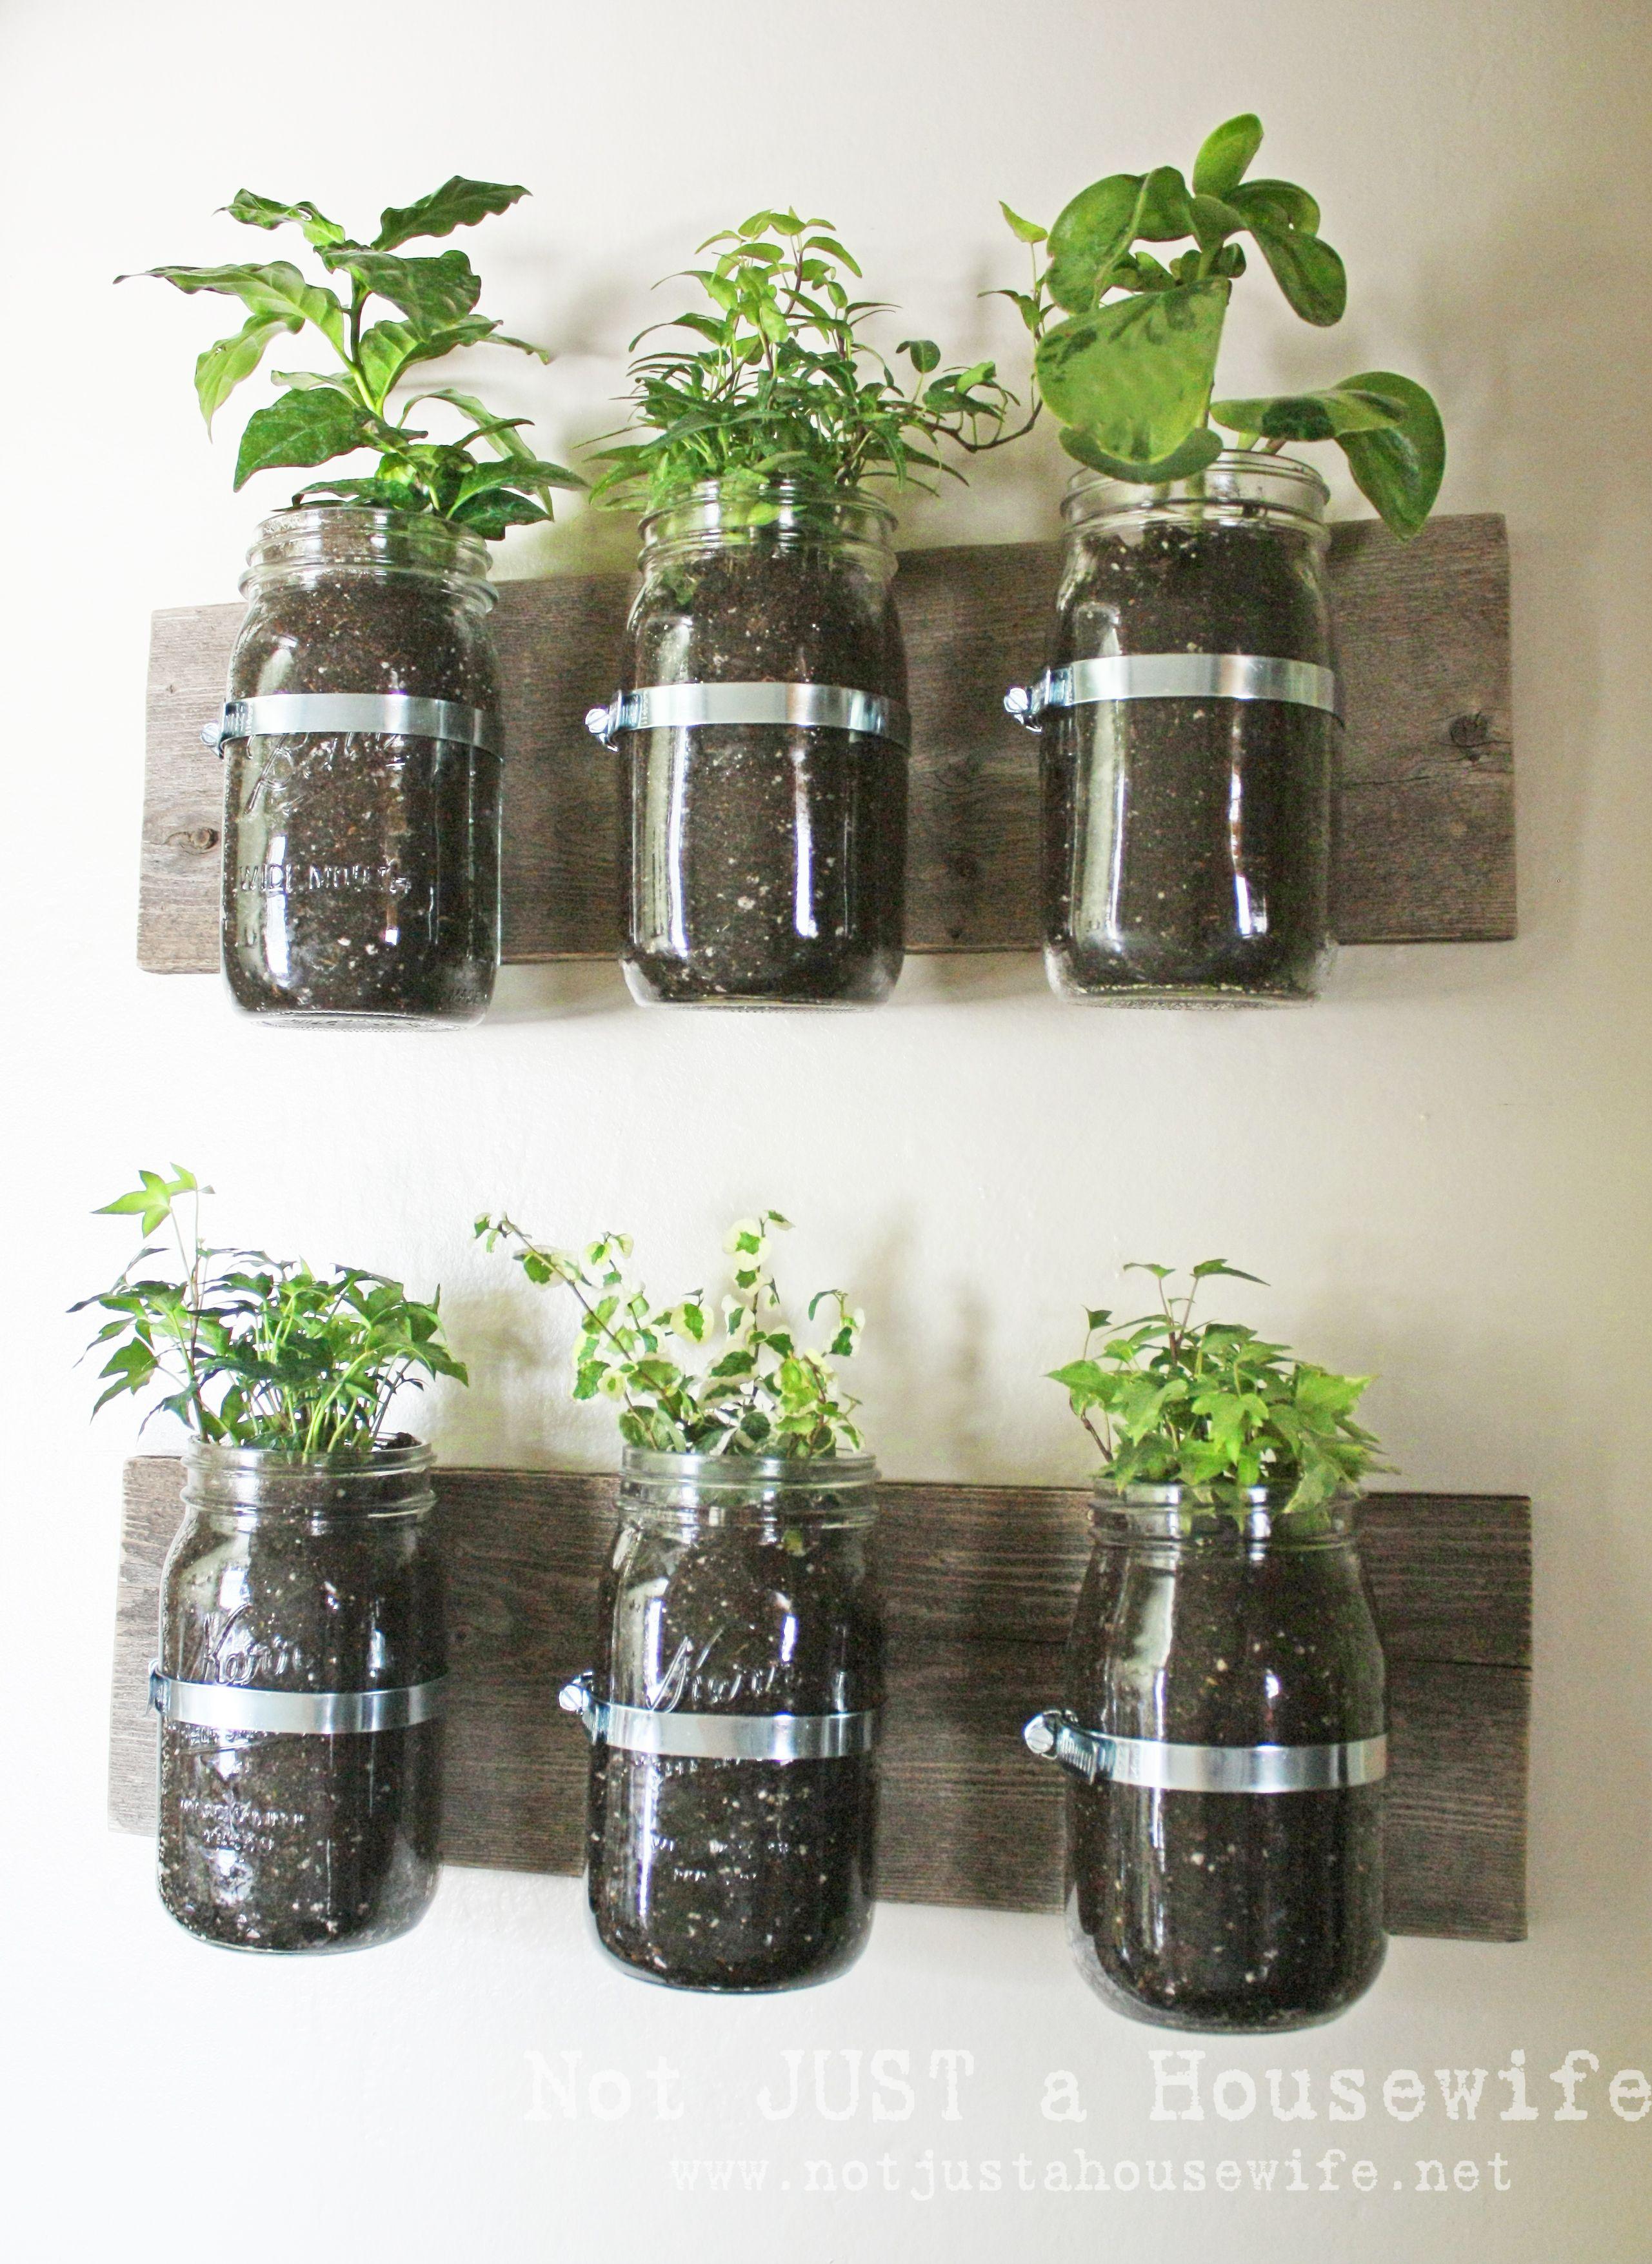 Mason Jar Wall Planter | Pinterest | Kräuter, Kräuterwand und Balkon